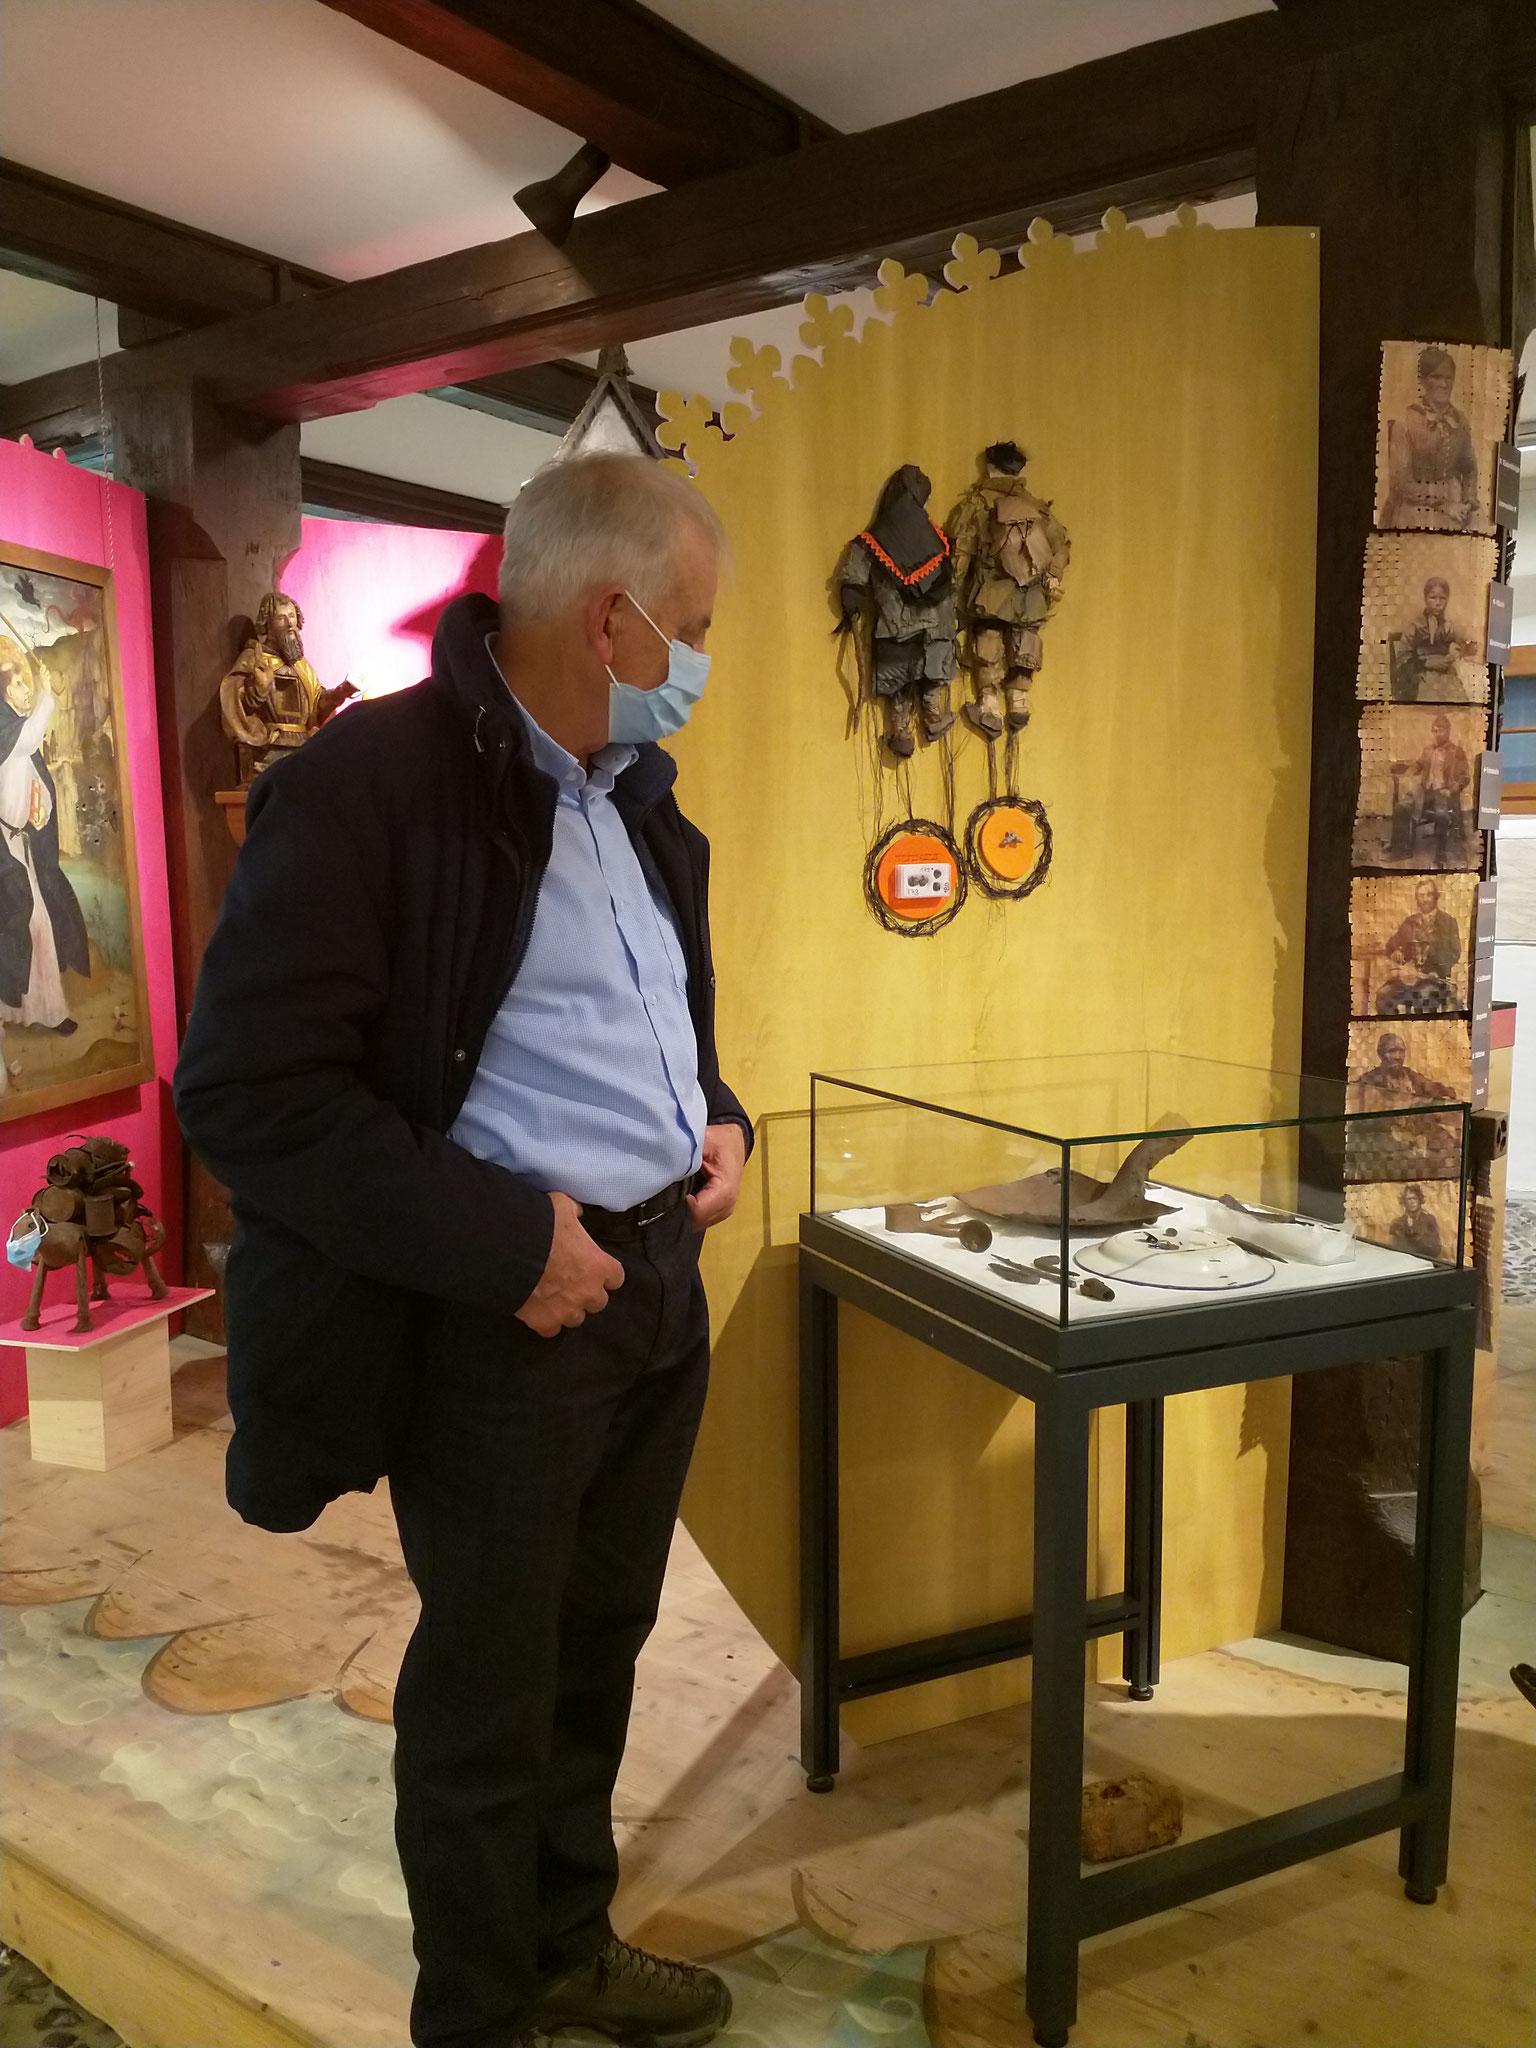 Erwin schaut nachdenklich auf die Fundstücke beim Cholhüttliwald. Messer und Werkzeuge. Köhler war Aussenseiter, lebten oft im Wald.